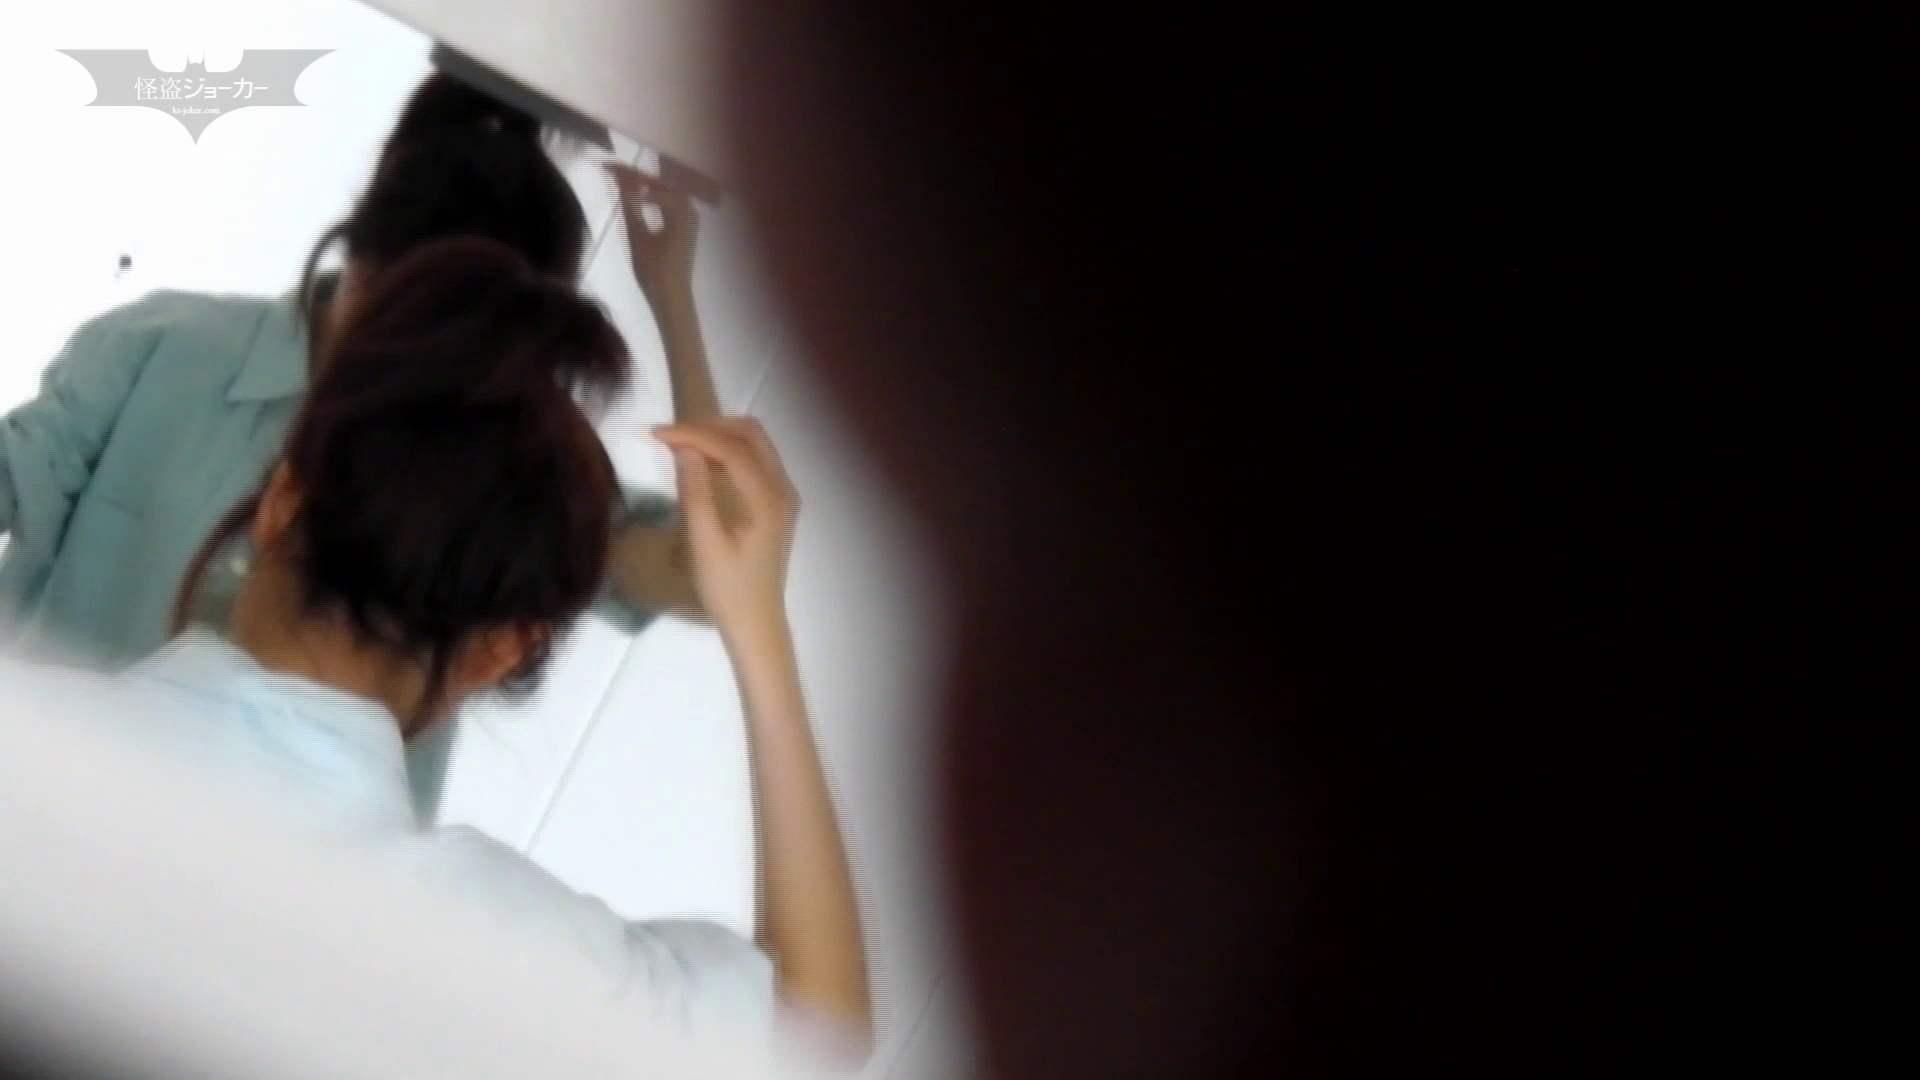 潜入!!台湾名門女学院 Vol.10 進化 潜入エロ調査 | 盗撮エロすぎ  79連発 7